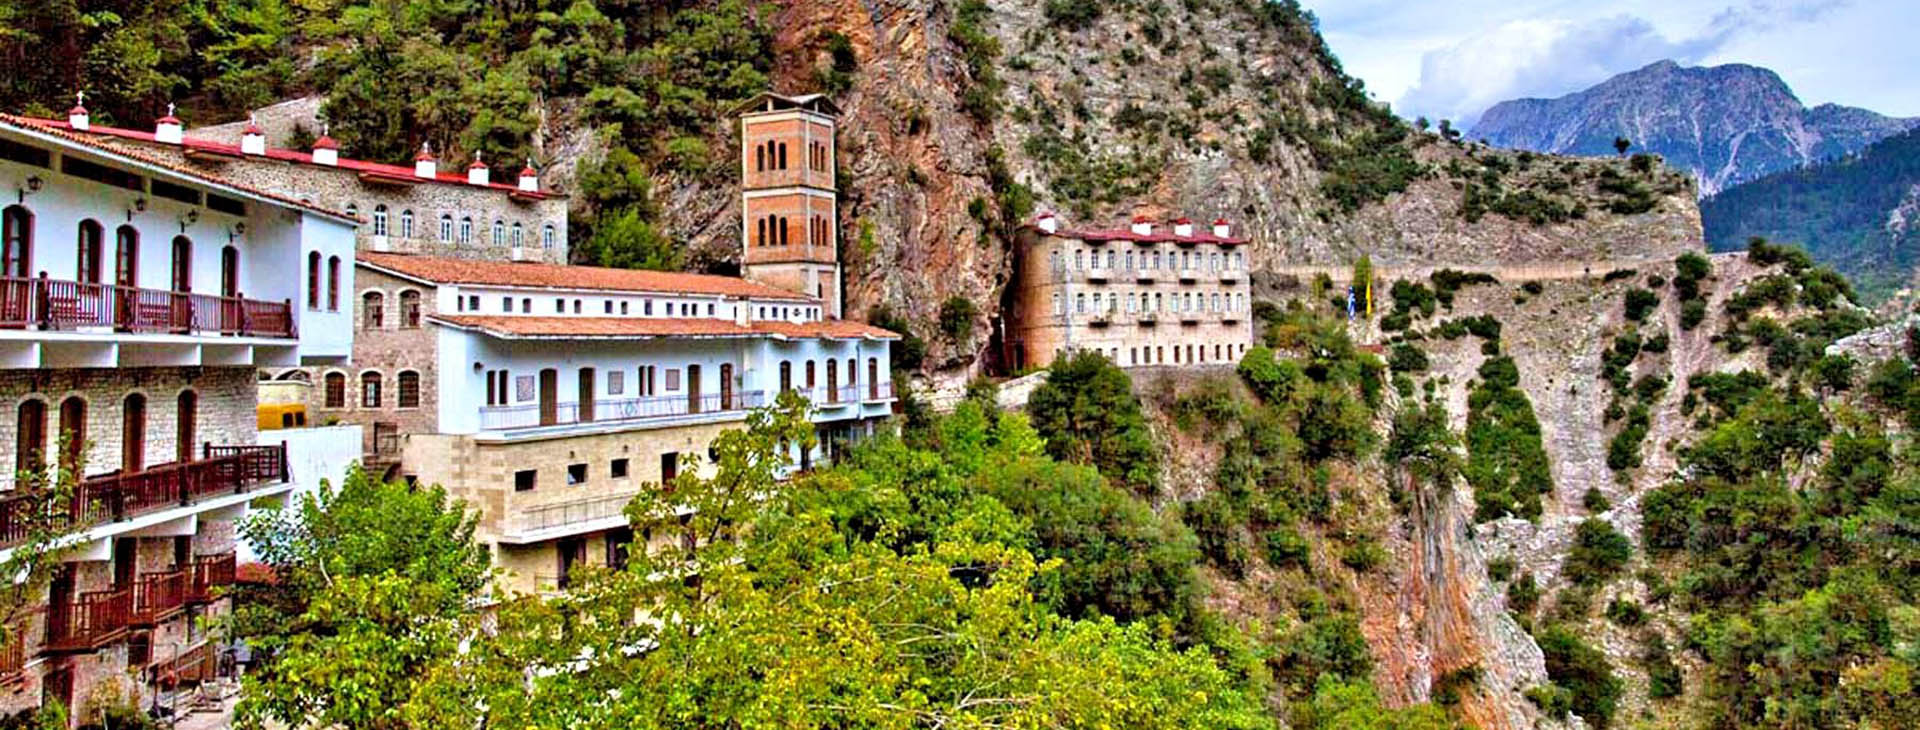 Monastery of Proussos, Evritania